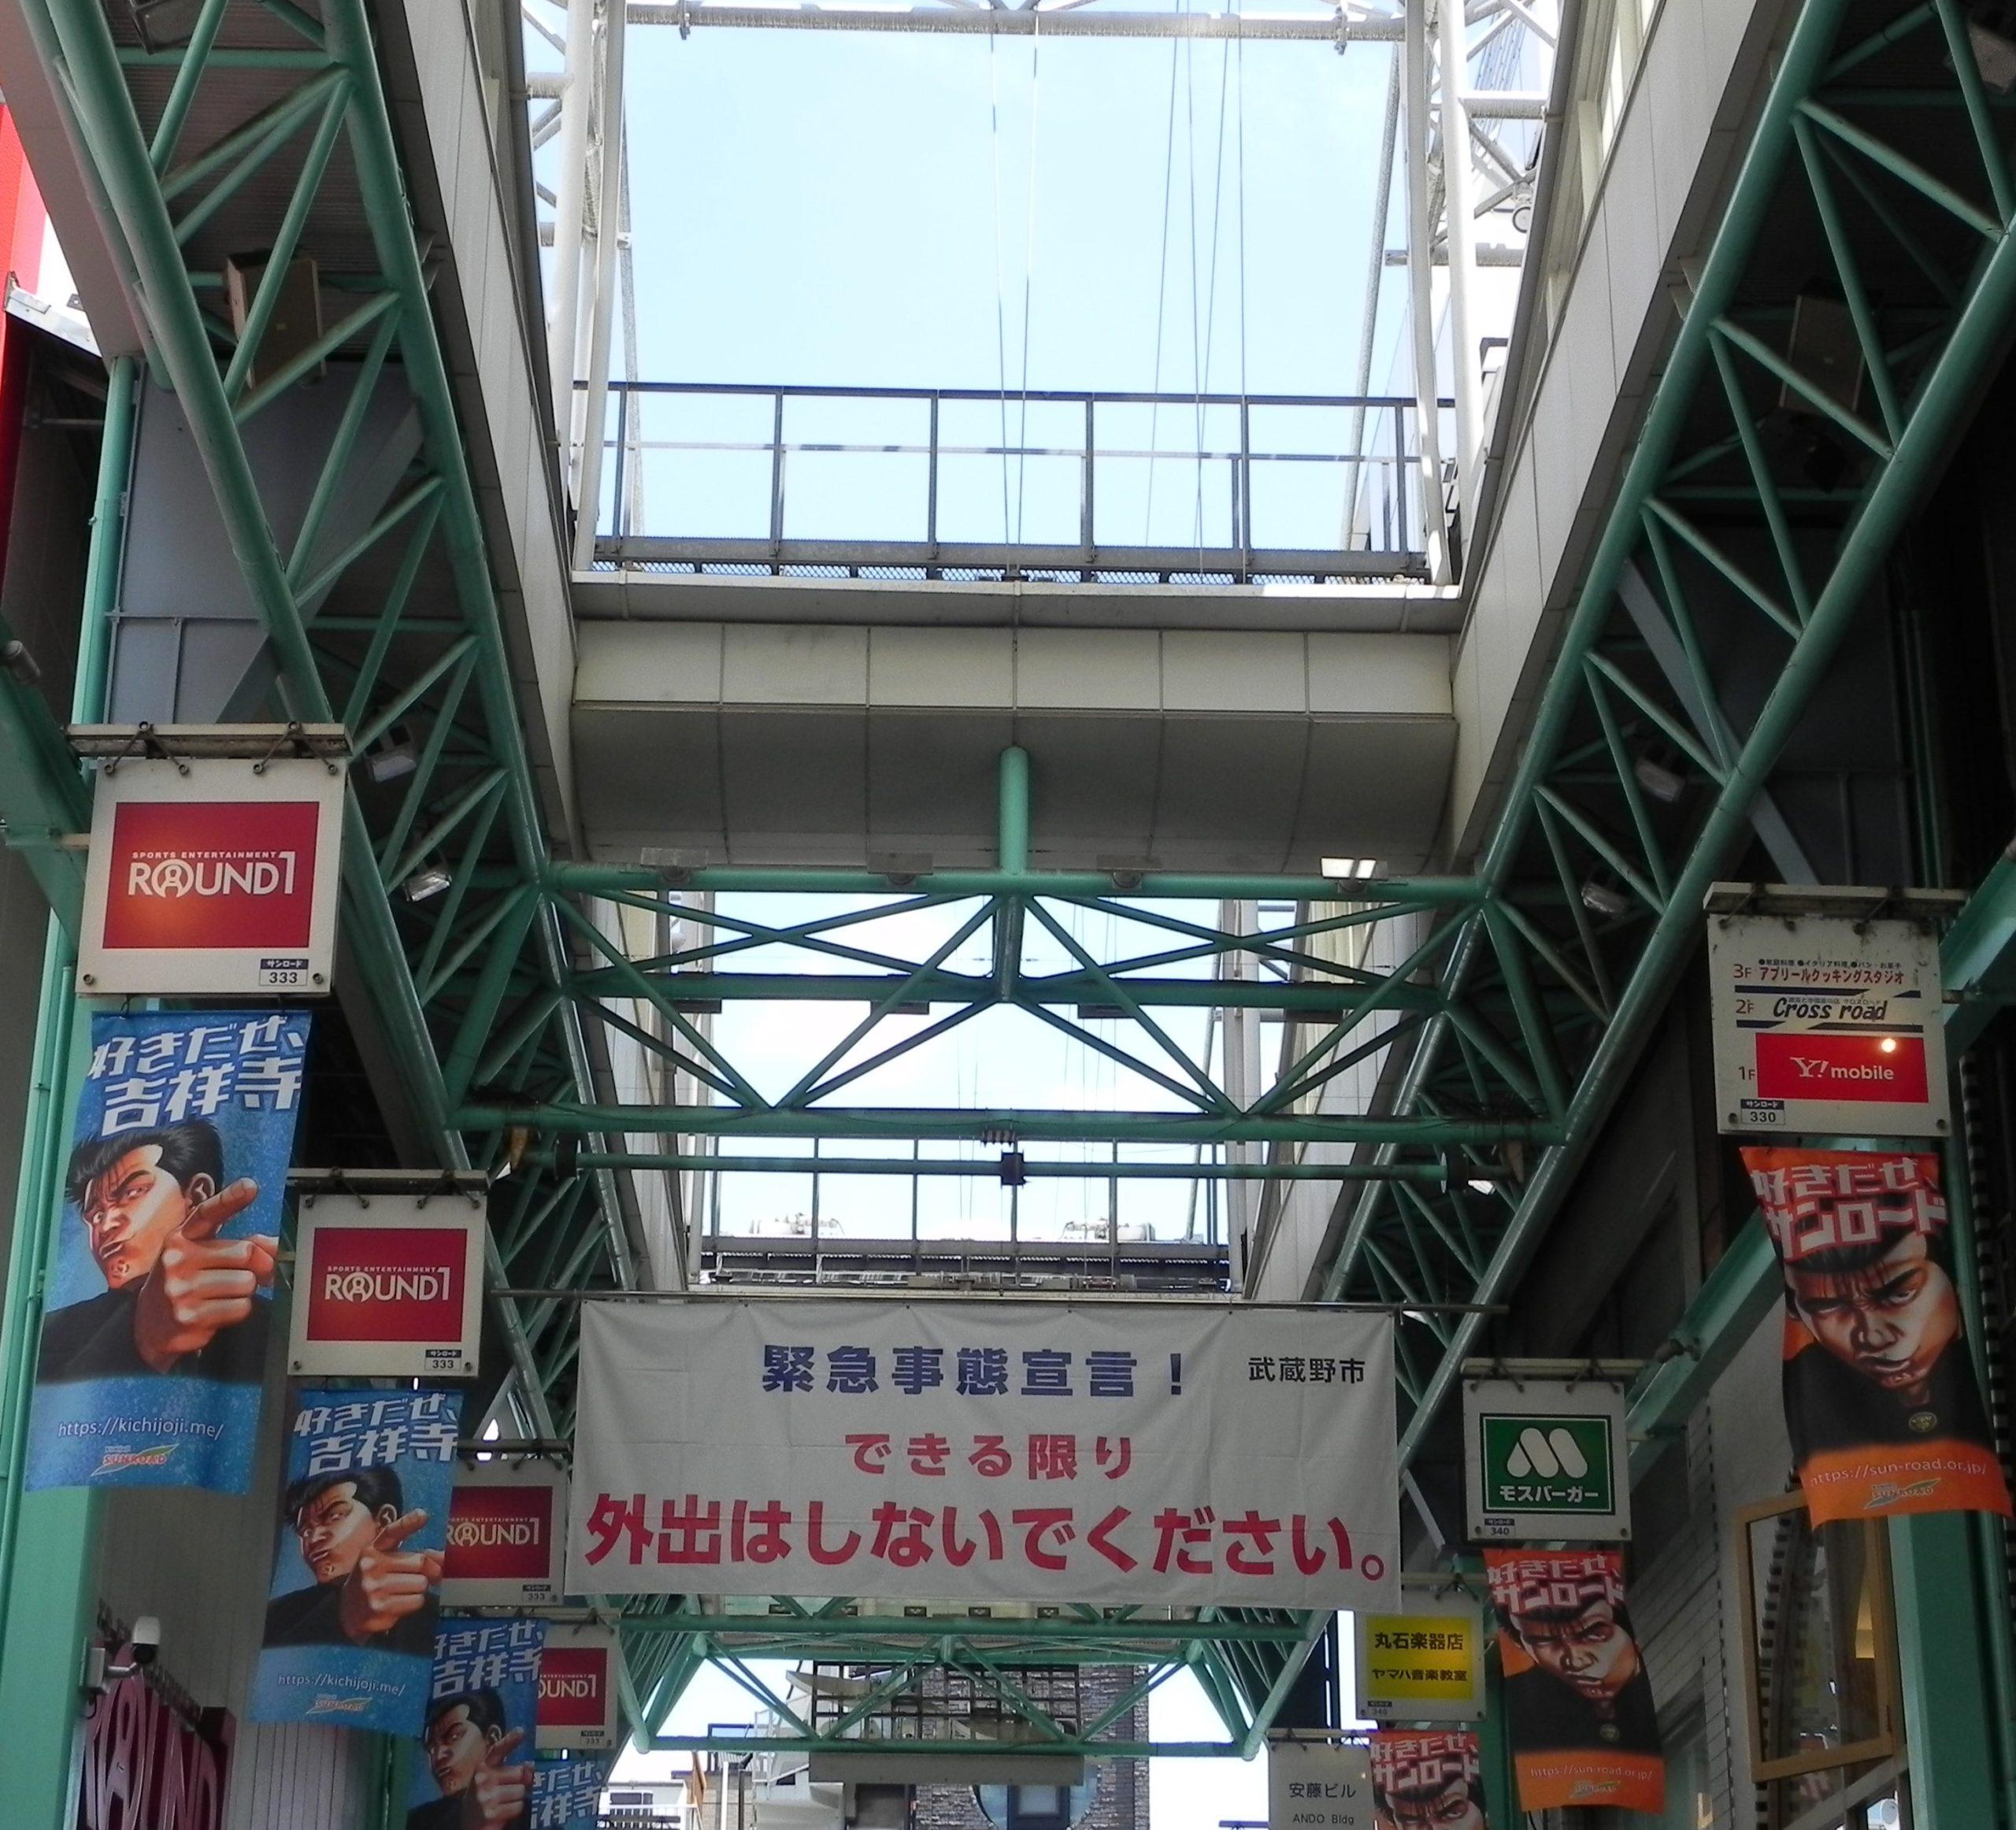 東京都に緊急事態宣言が発出されています